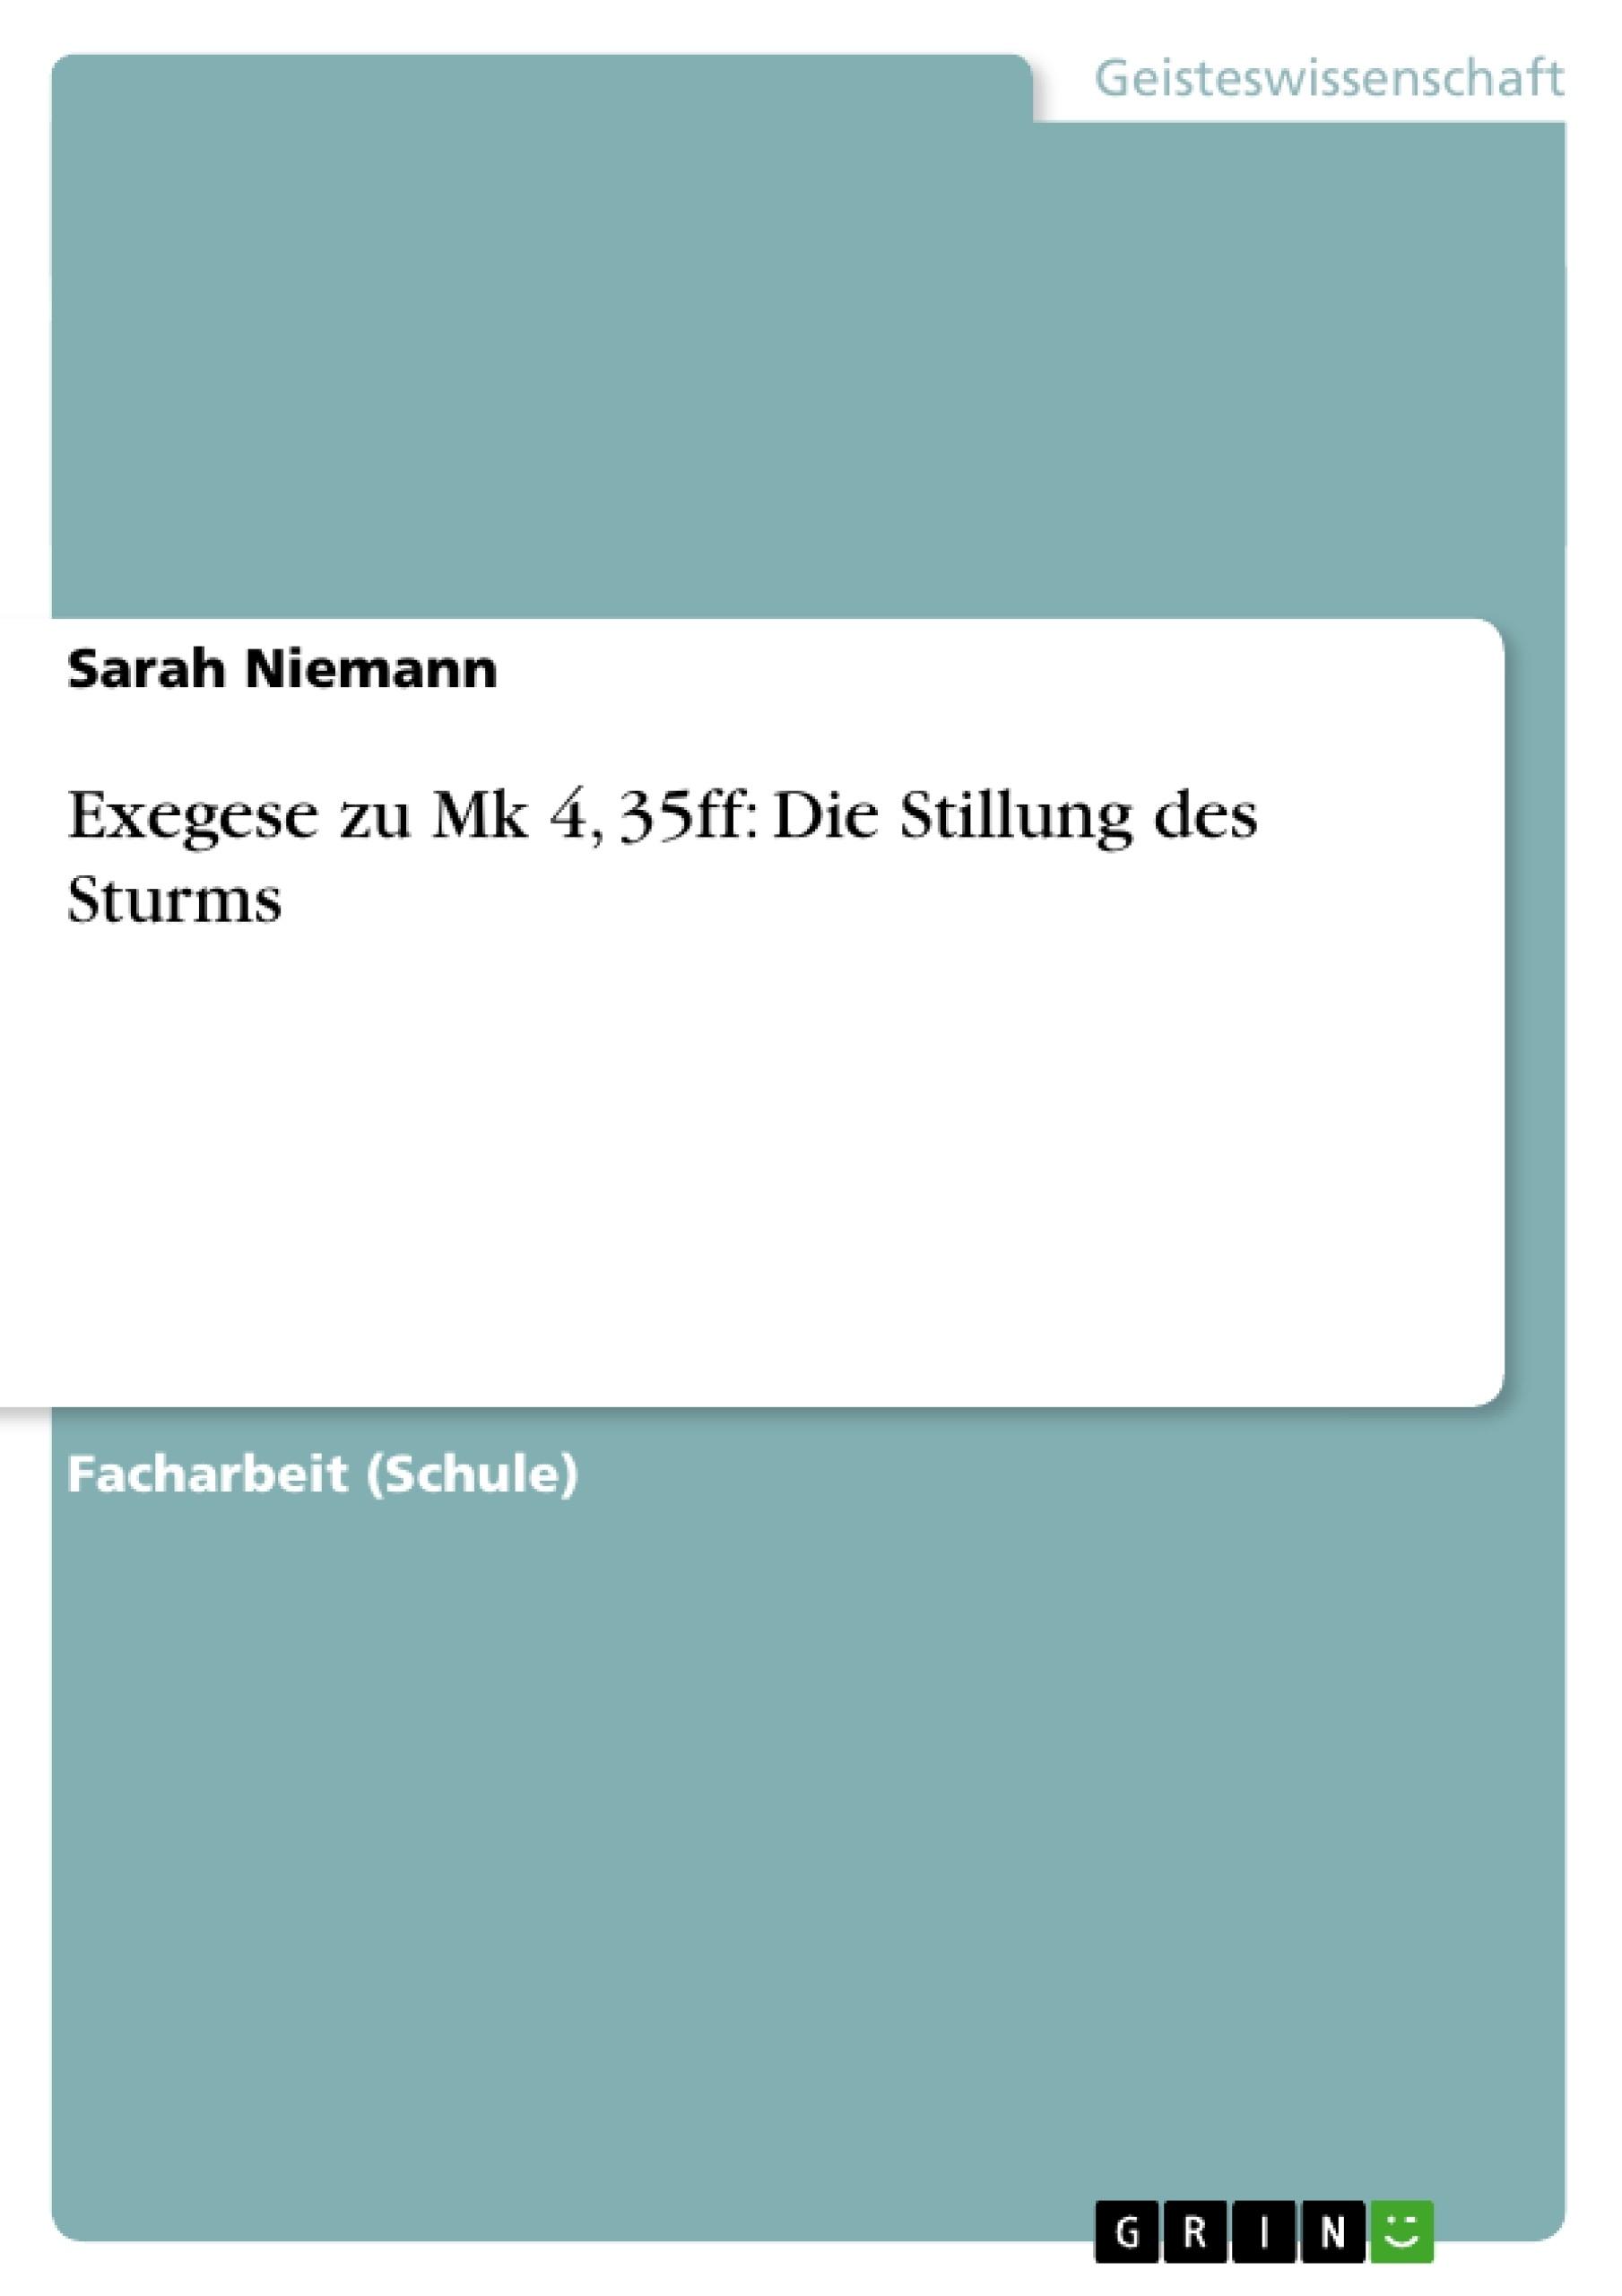 Titel: Exegese zu Mk 4, 35ff: Die Stillung des Sturms